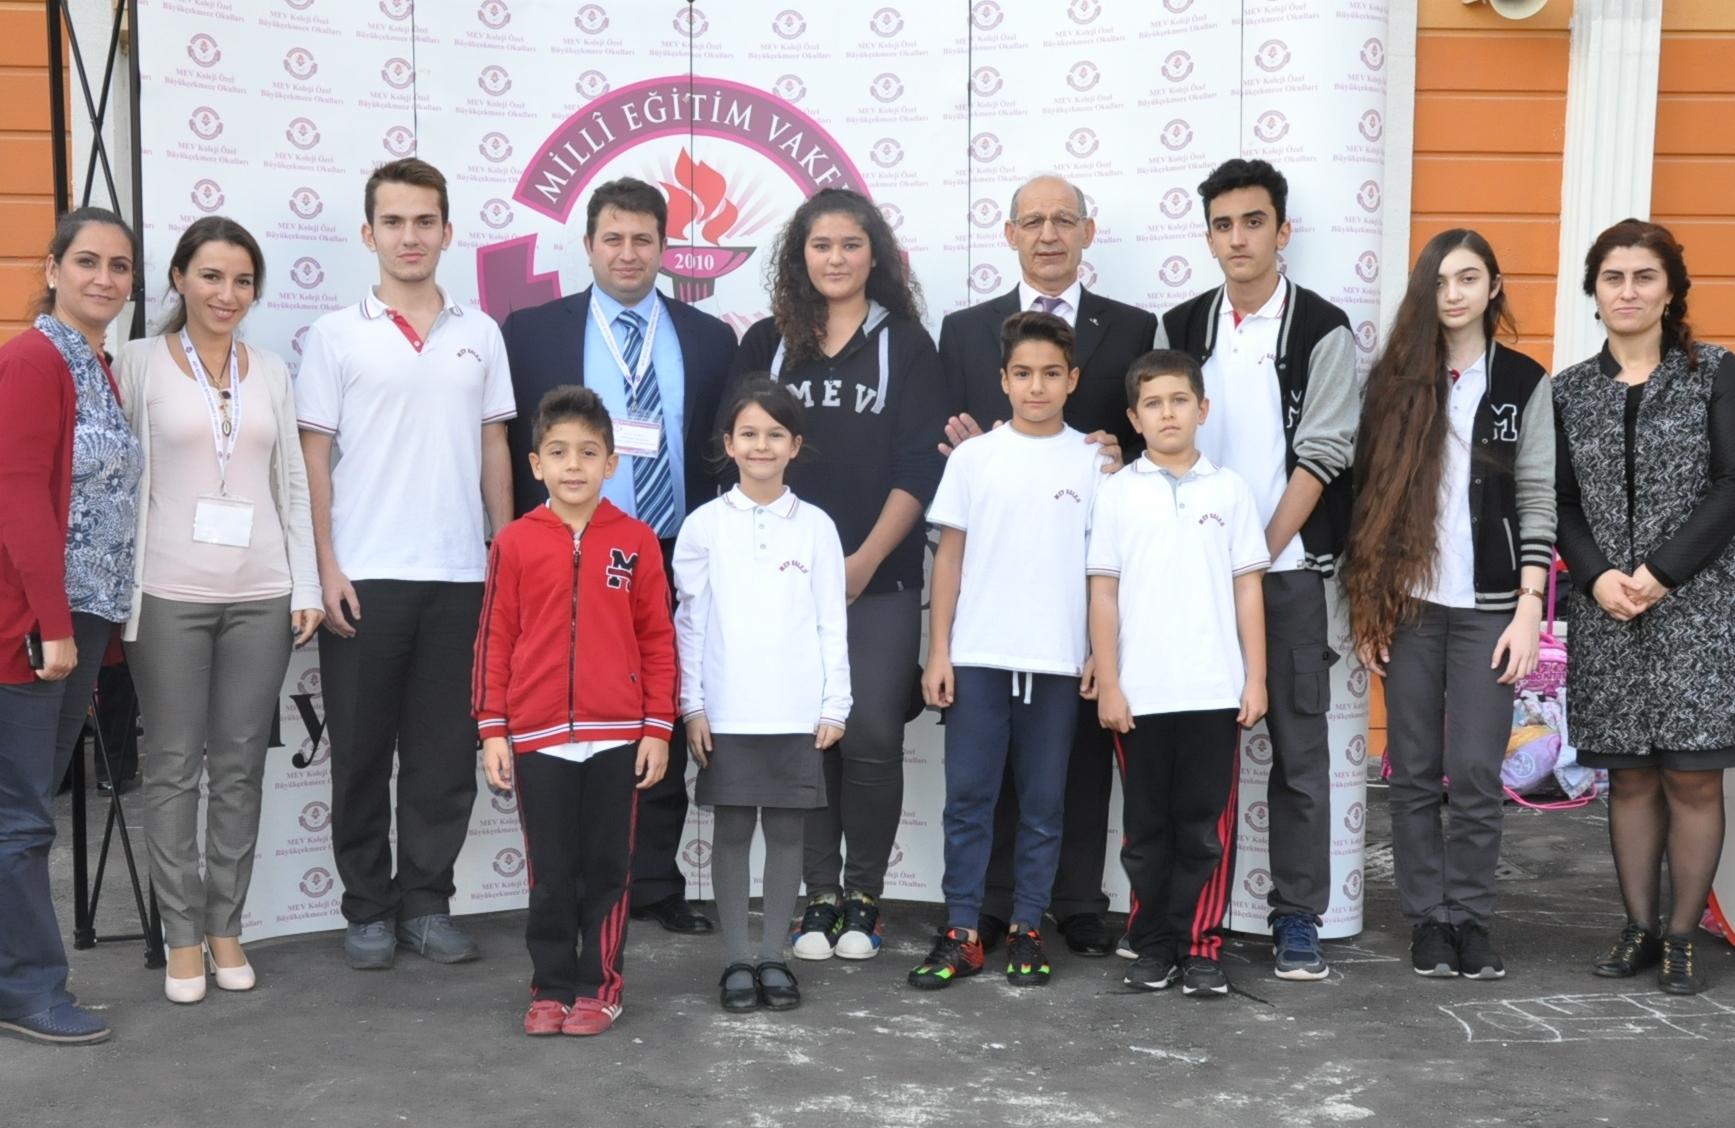 MEV Koleji Öğrencileri, Okul Öğrenci Meclis Başkanını ve Başkan Yardımcısını Seçti